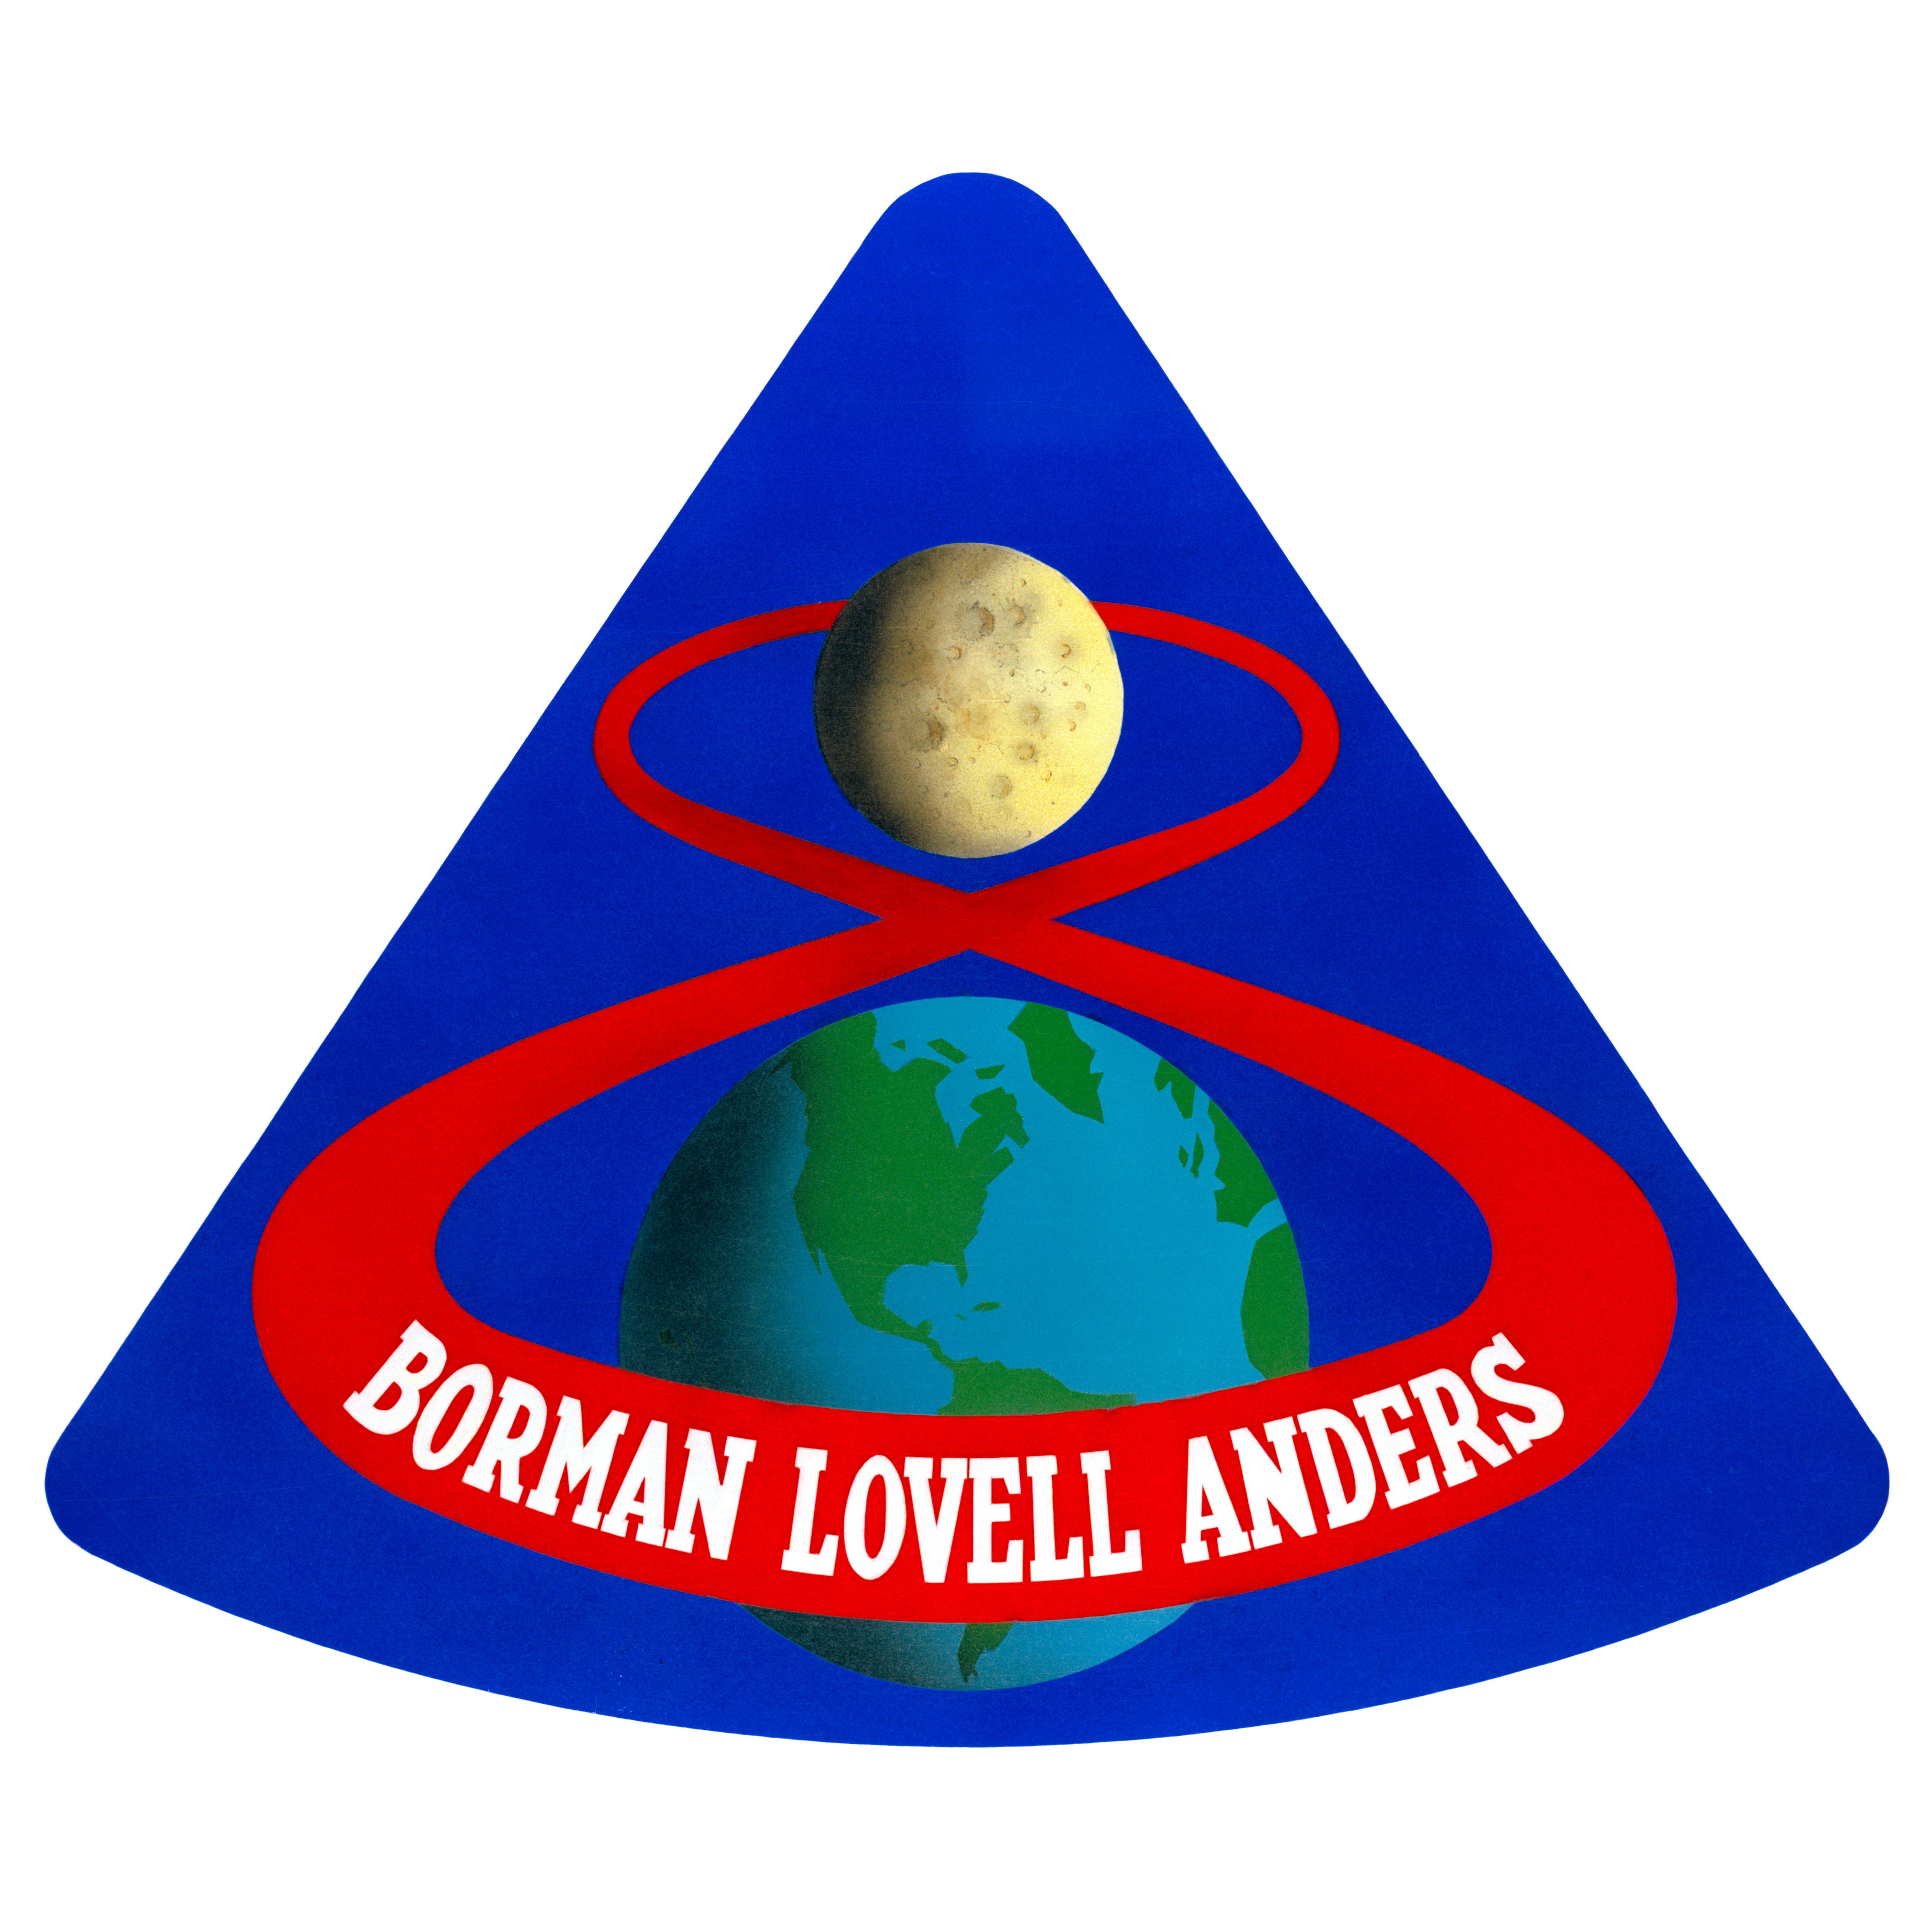 11 14 apollo mission symbol - photo #38